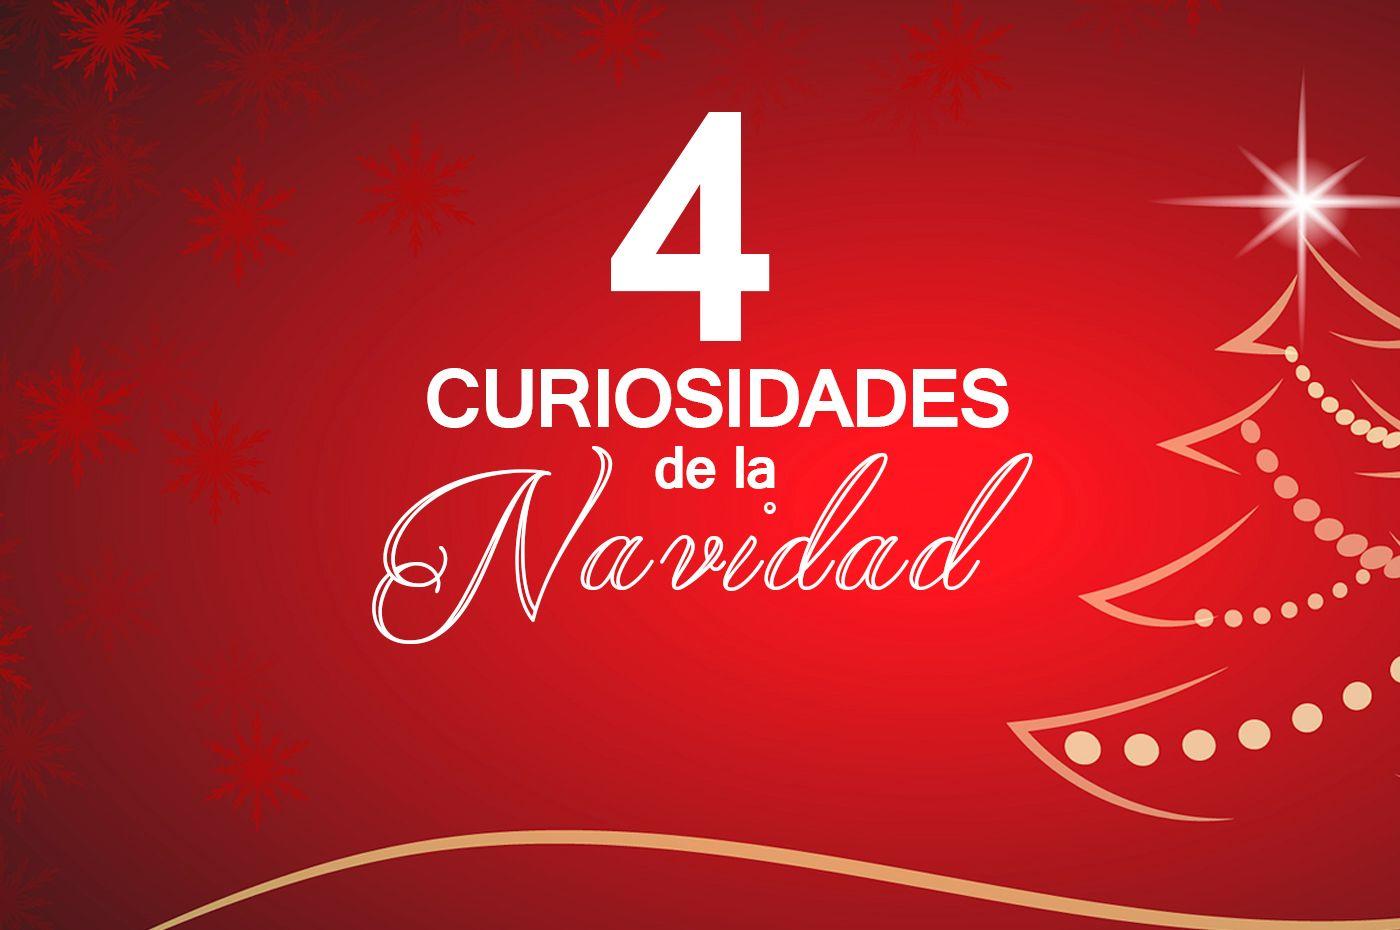 4 Curiosidades de la navidad